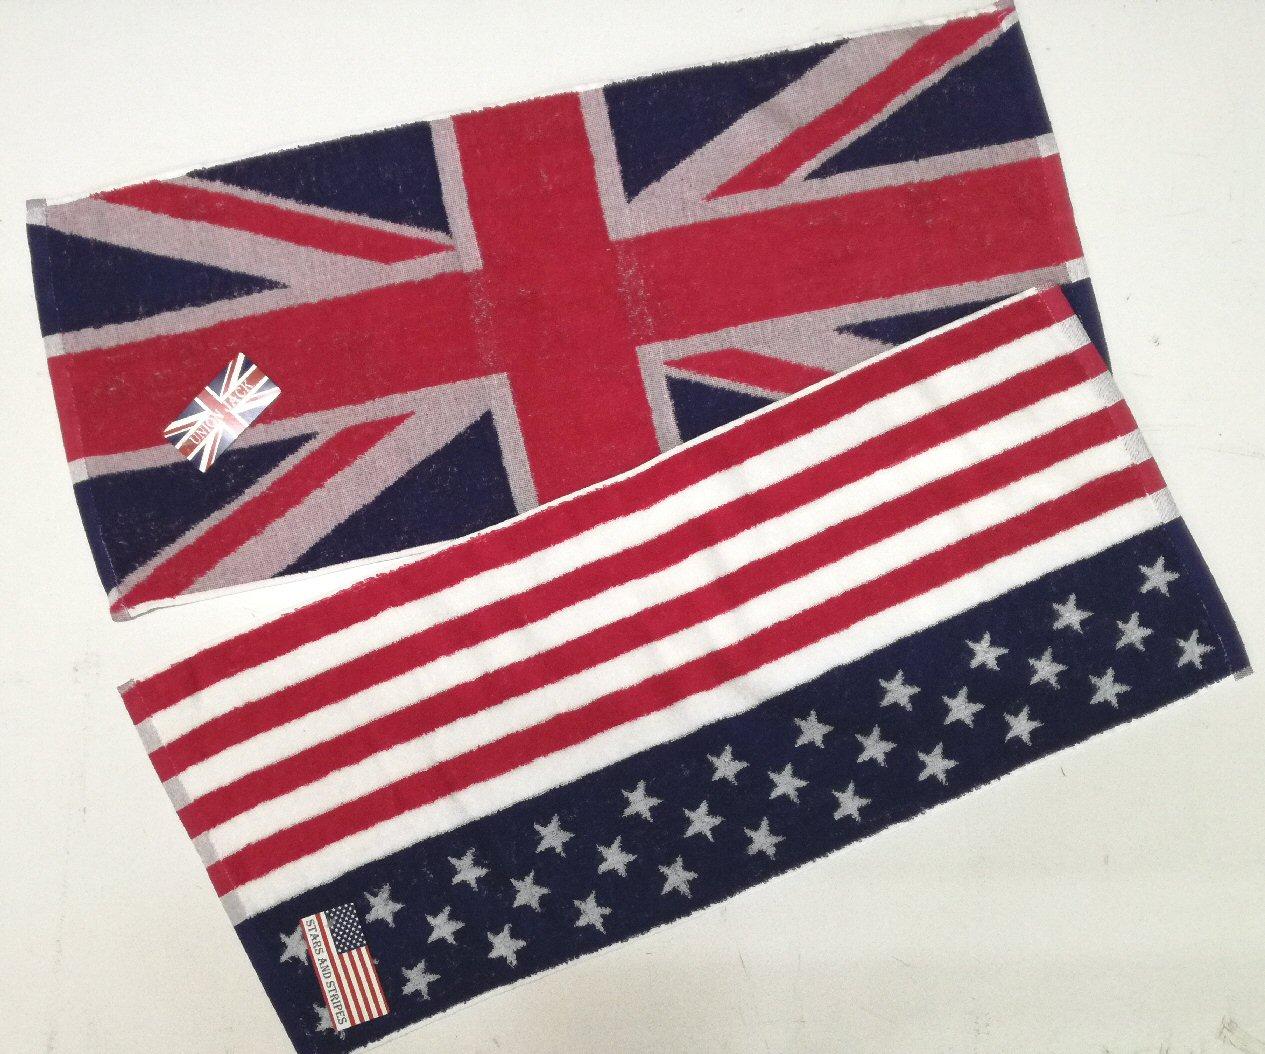 【2枚セット】 国旗柄 フェイスタオル 2枚セット 81×35cm アメリカ国旗 星条旗 イギリス国旗 ユニオンジャック コットン100% 綿100%